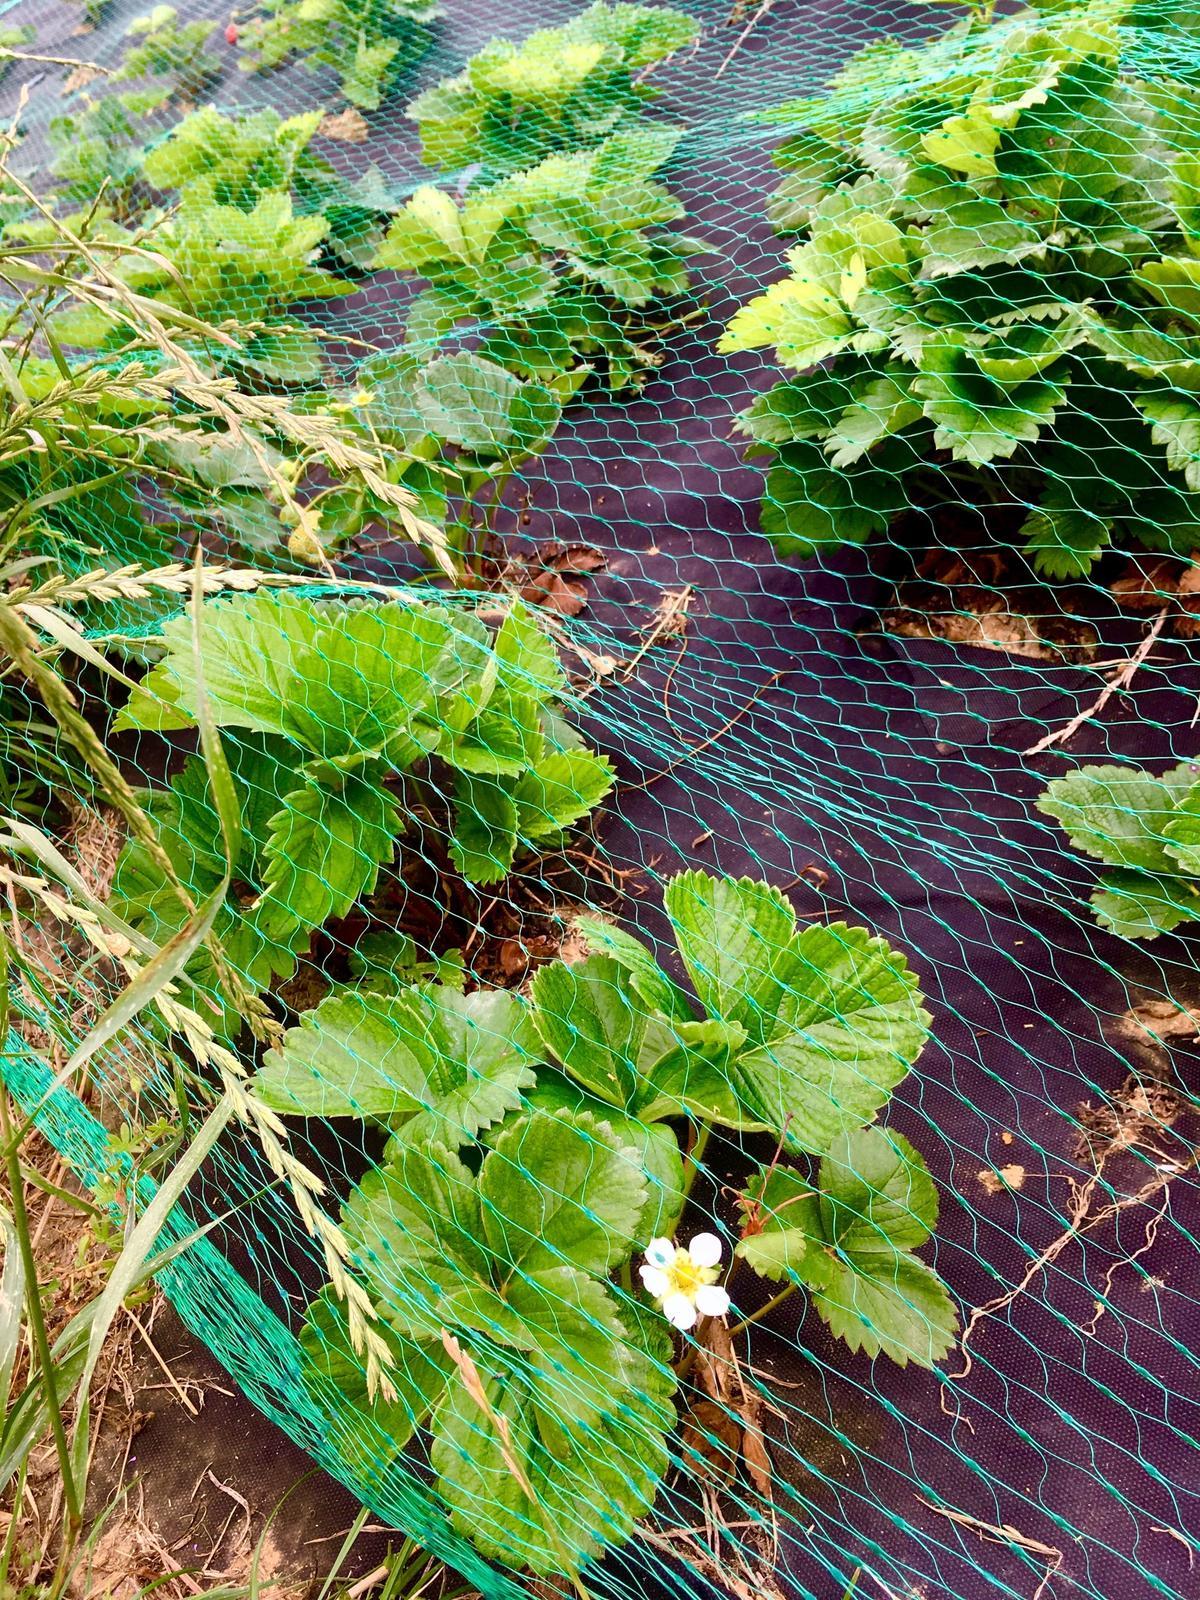 Skřítčí zahrada 2015 - 2020 - Červenec 2019 - síť proti srnám zabírá, jahodníky obrazily, některé už kvetou a dokonce i mají plody